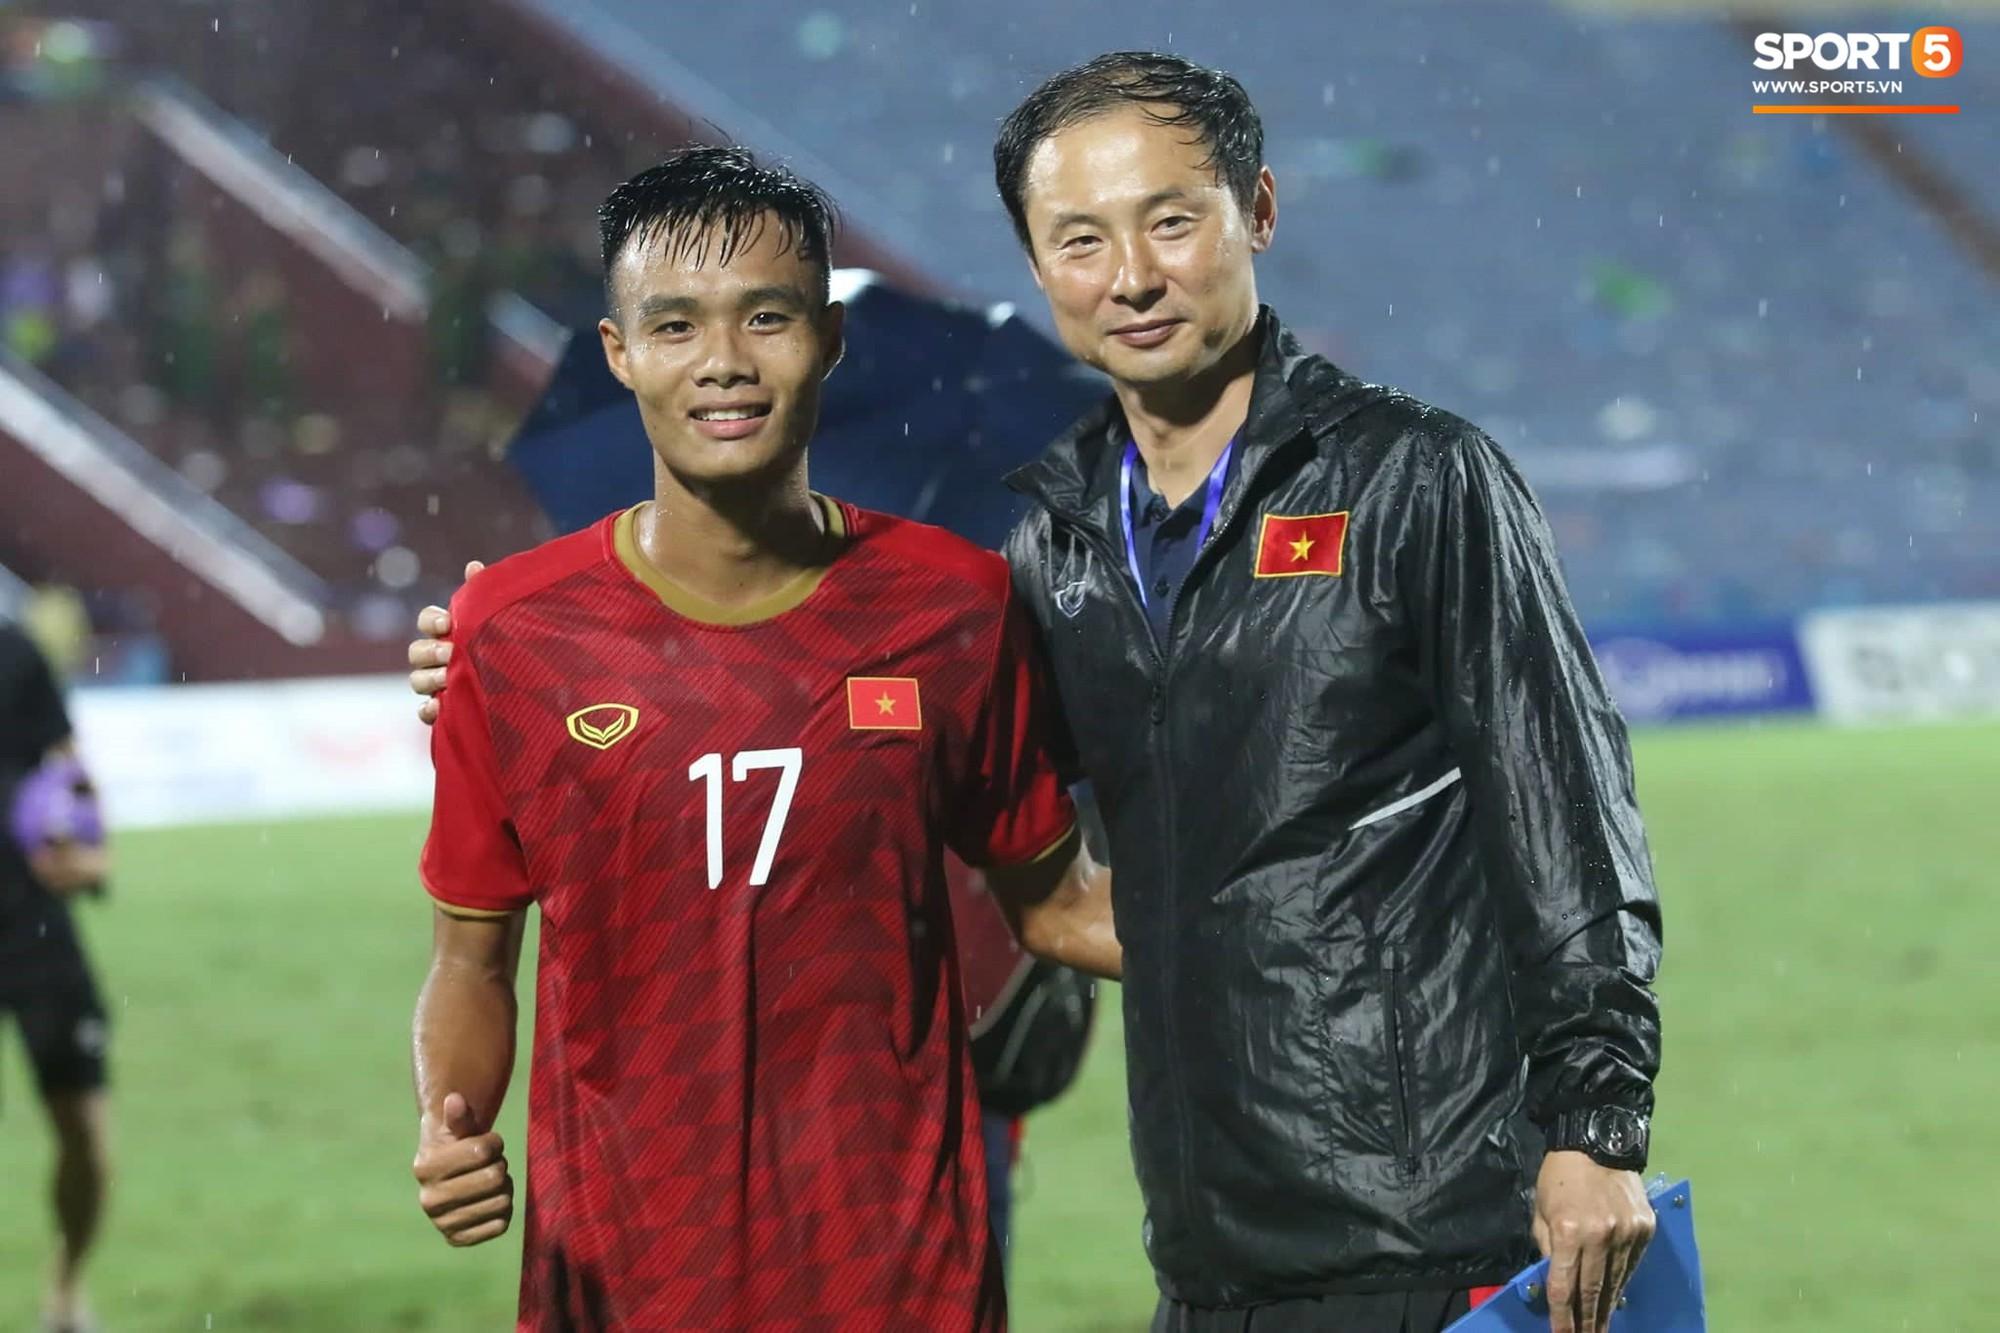 Hình ảnh cảm động: U23 Việt Nam đội mưa đi khắp khán đài cảm ơn người hâm mộ sau trận thắng U23 Myanmar - Ảnh 11.